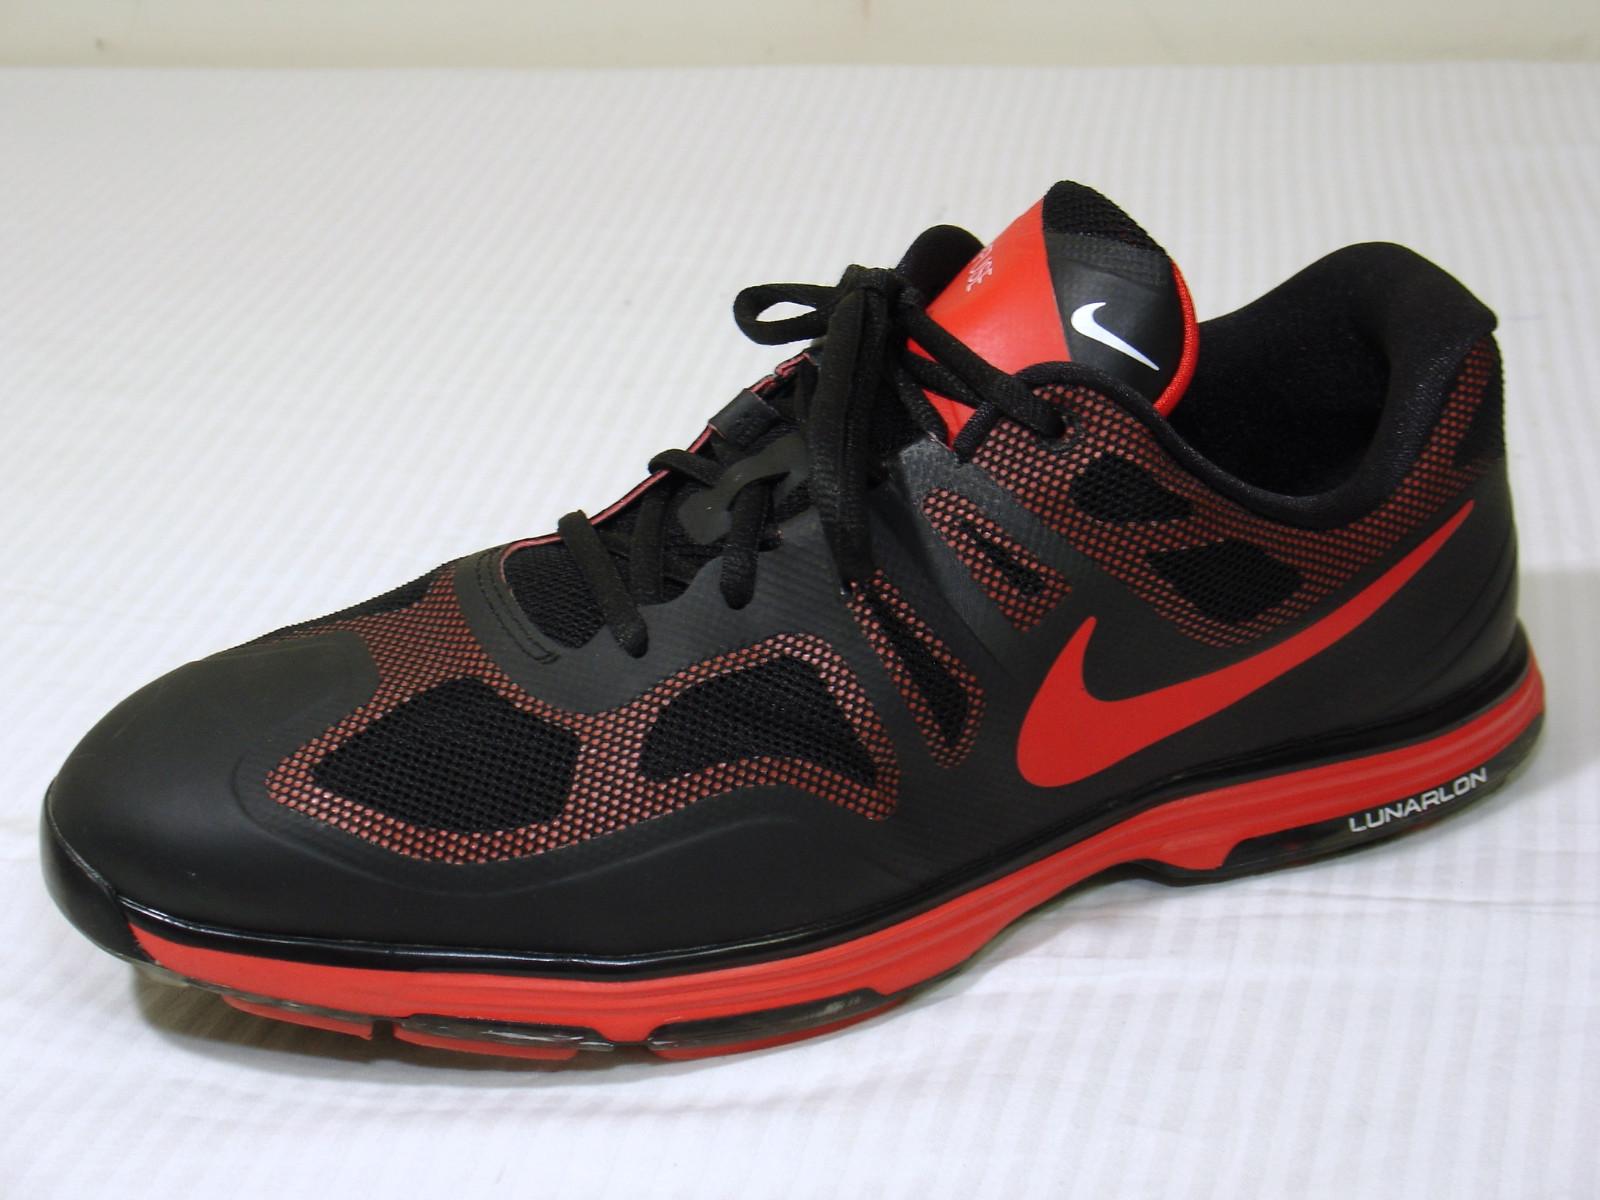 reputable site b4848 f67f0 Detalhes sobre Sapatos de golfe Nike Lunar Ascend Ii Masculino  Preto Vermelho Performance 10 Wide 628341 600- mostrar título no original